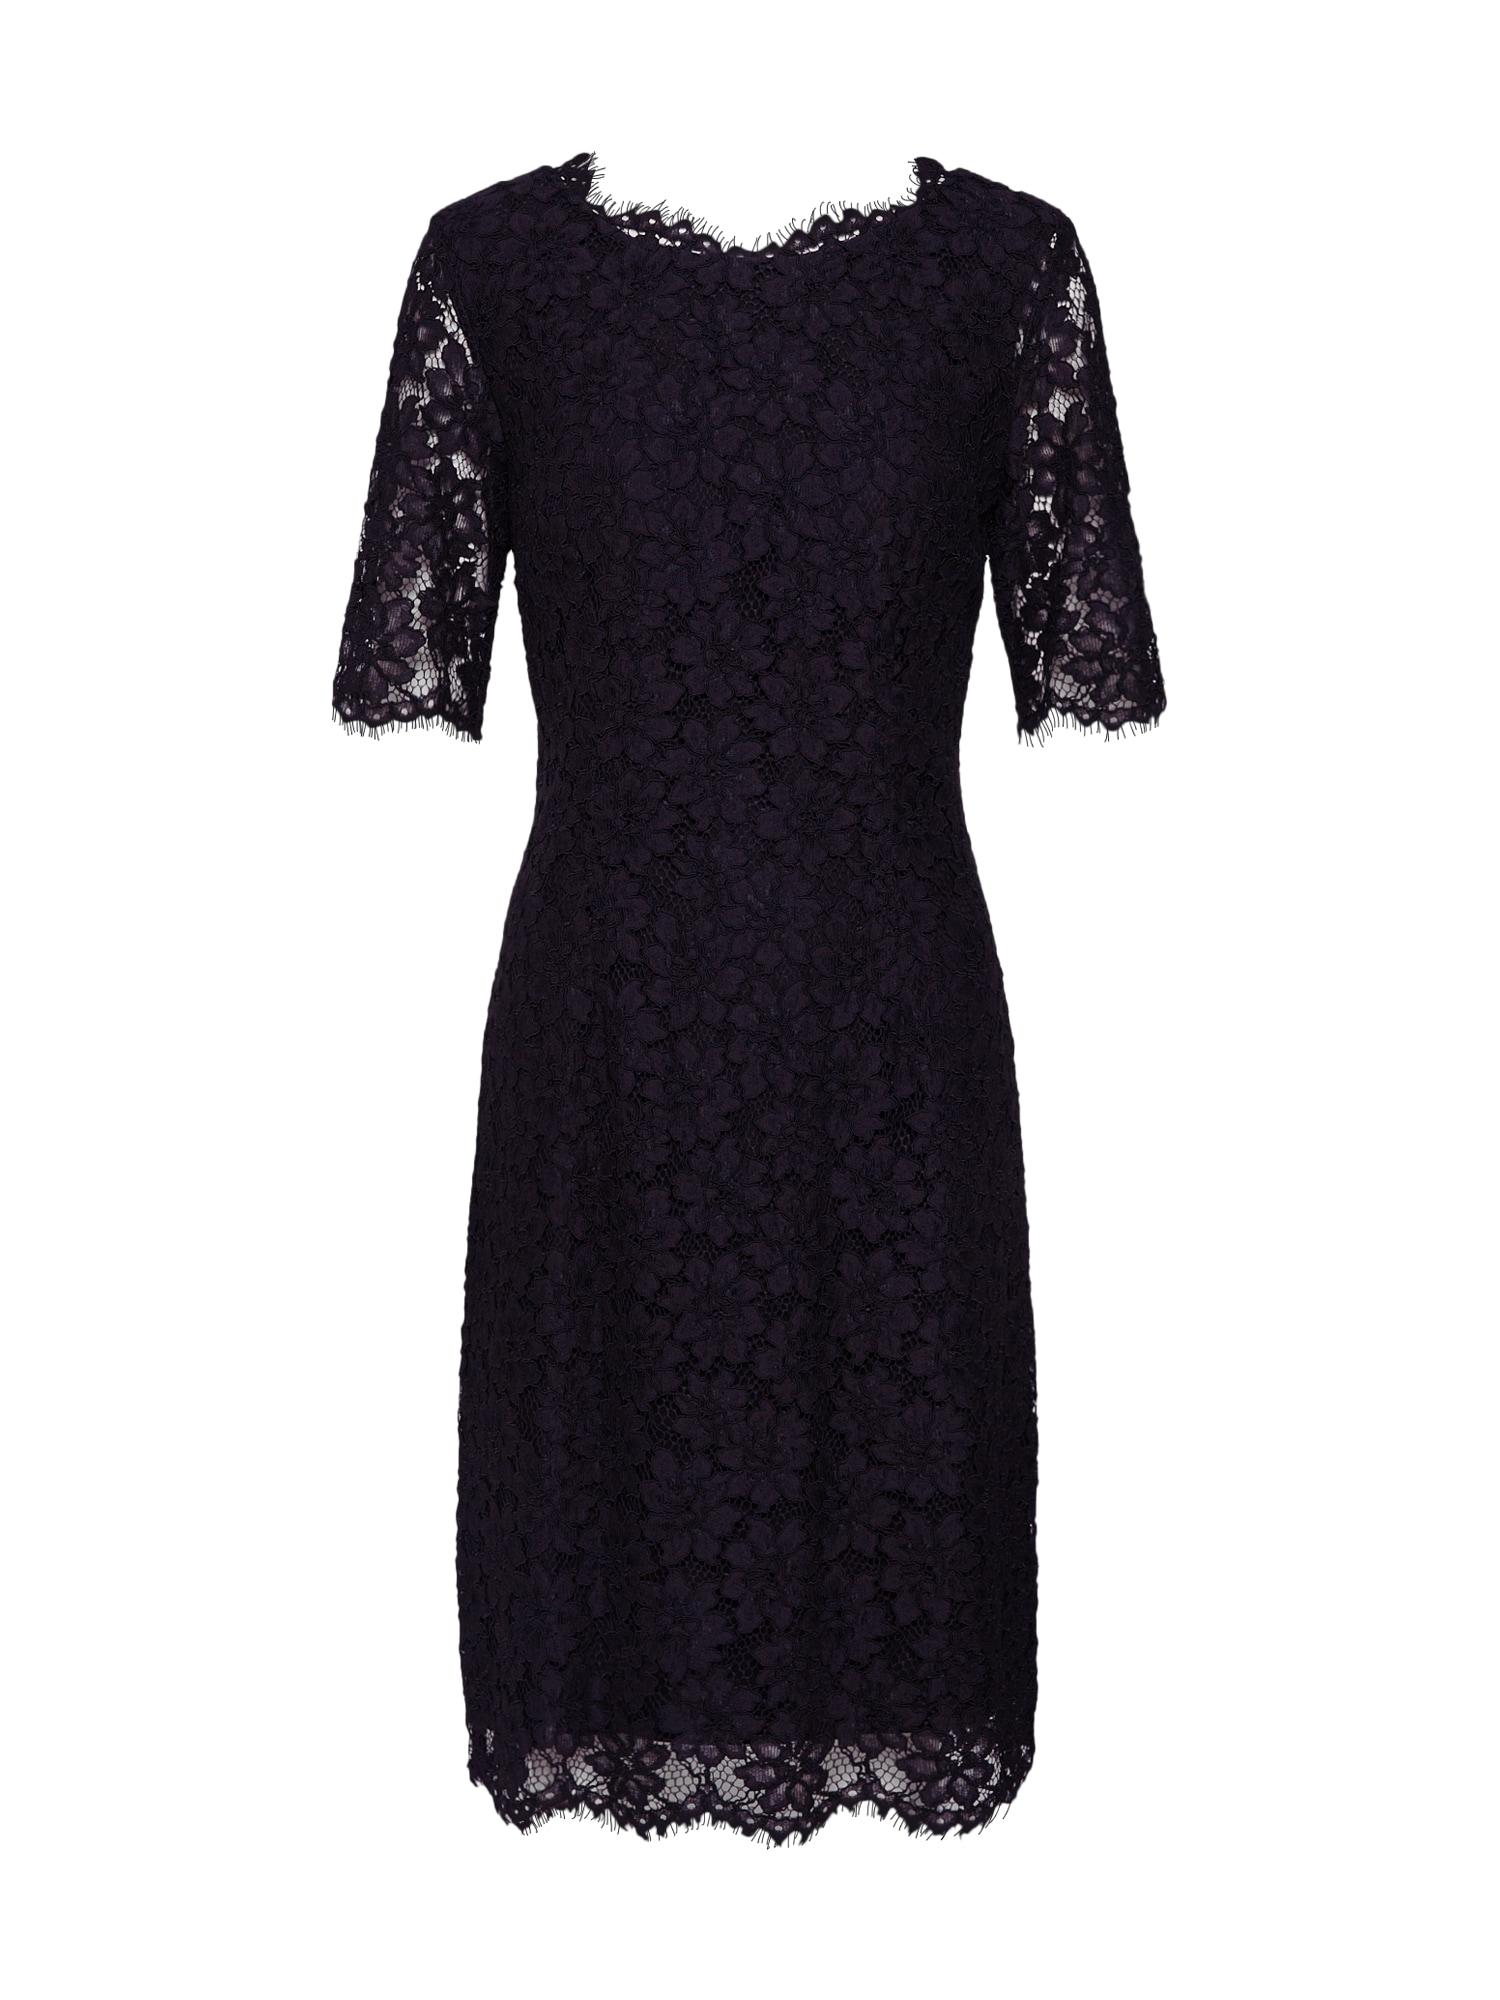 Šaty Kalissy-1 černá HUGO